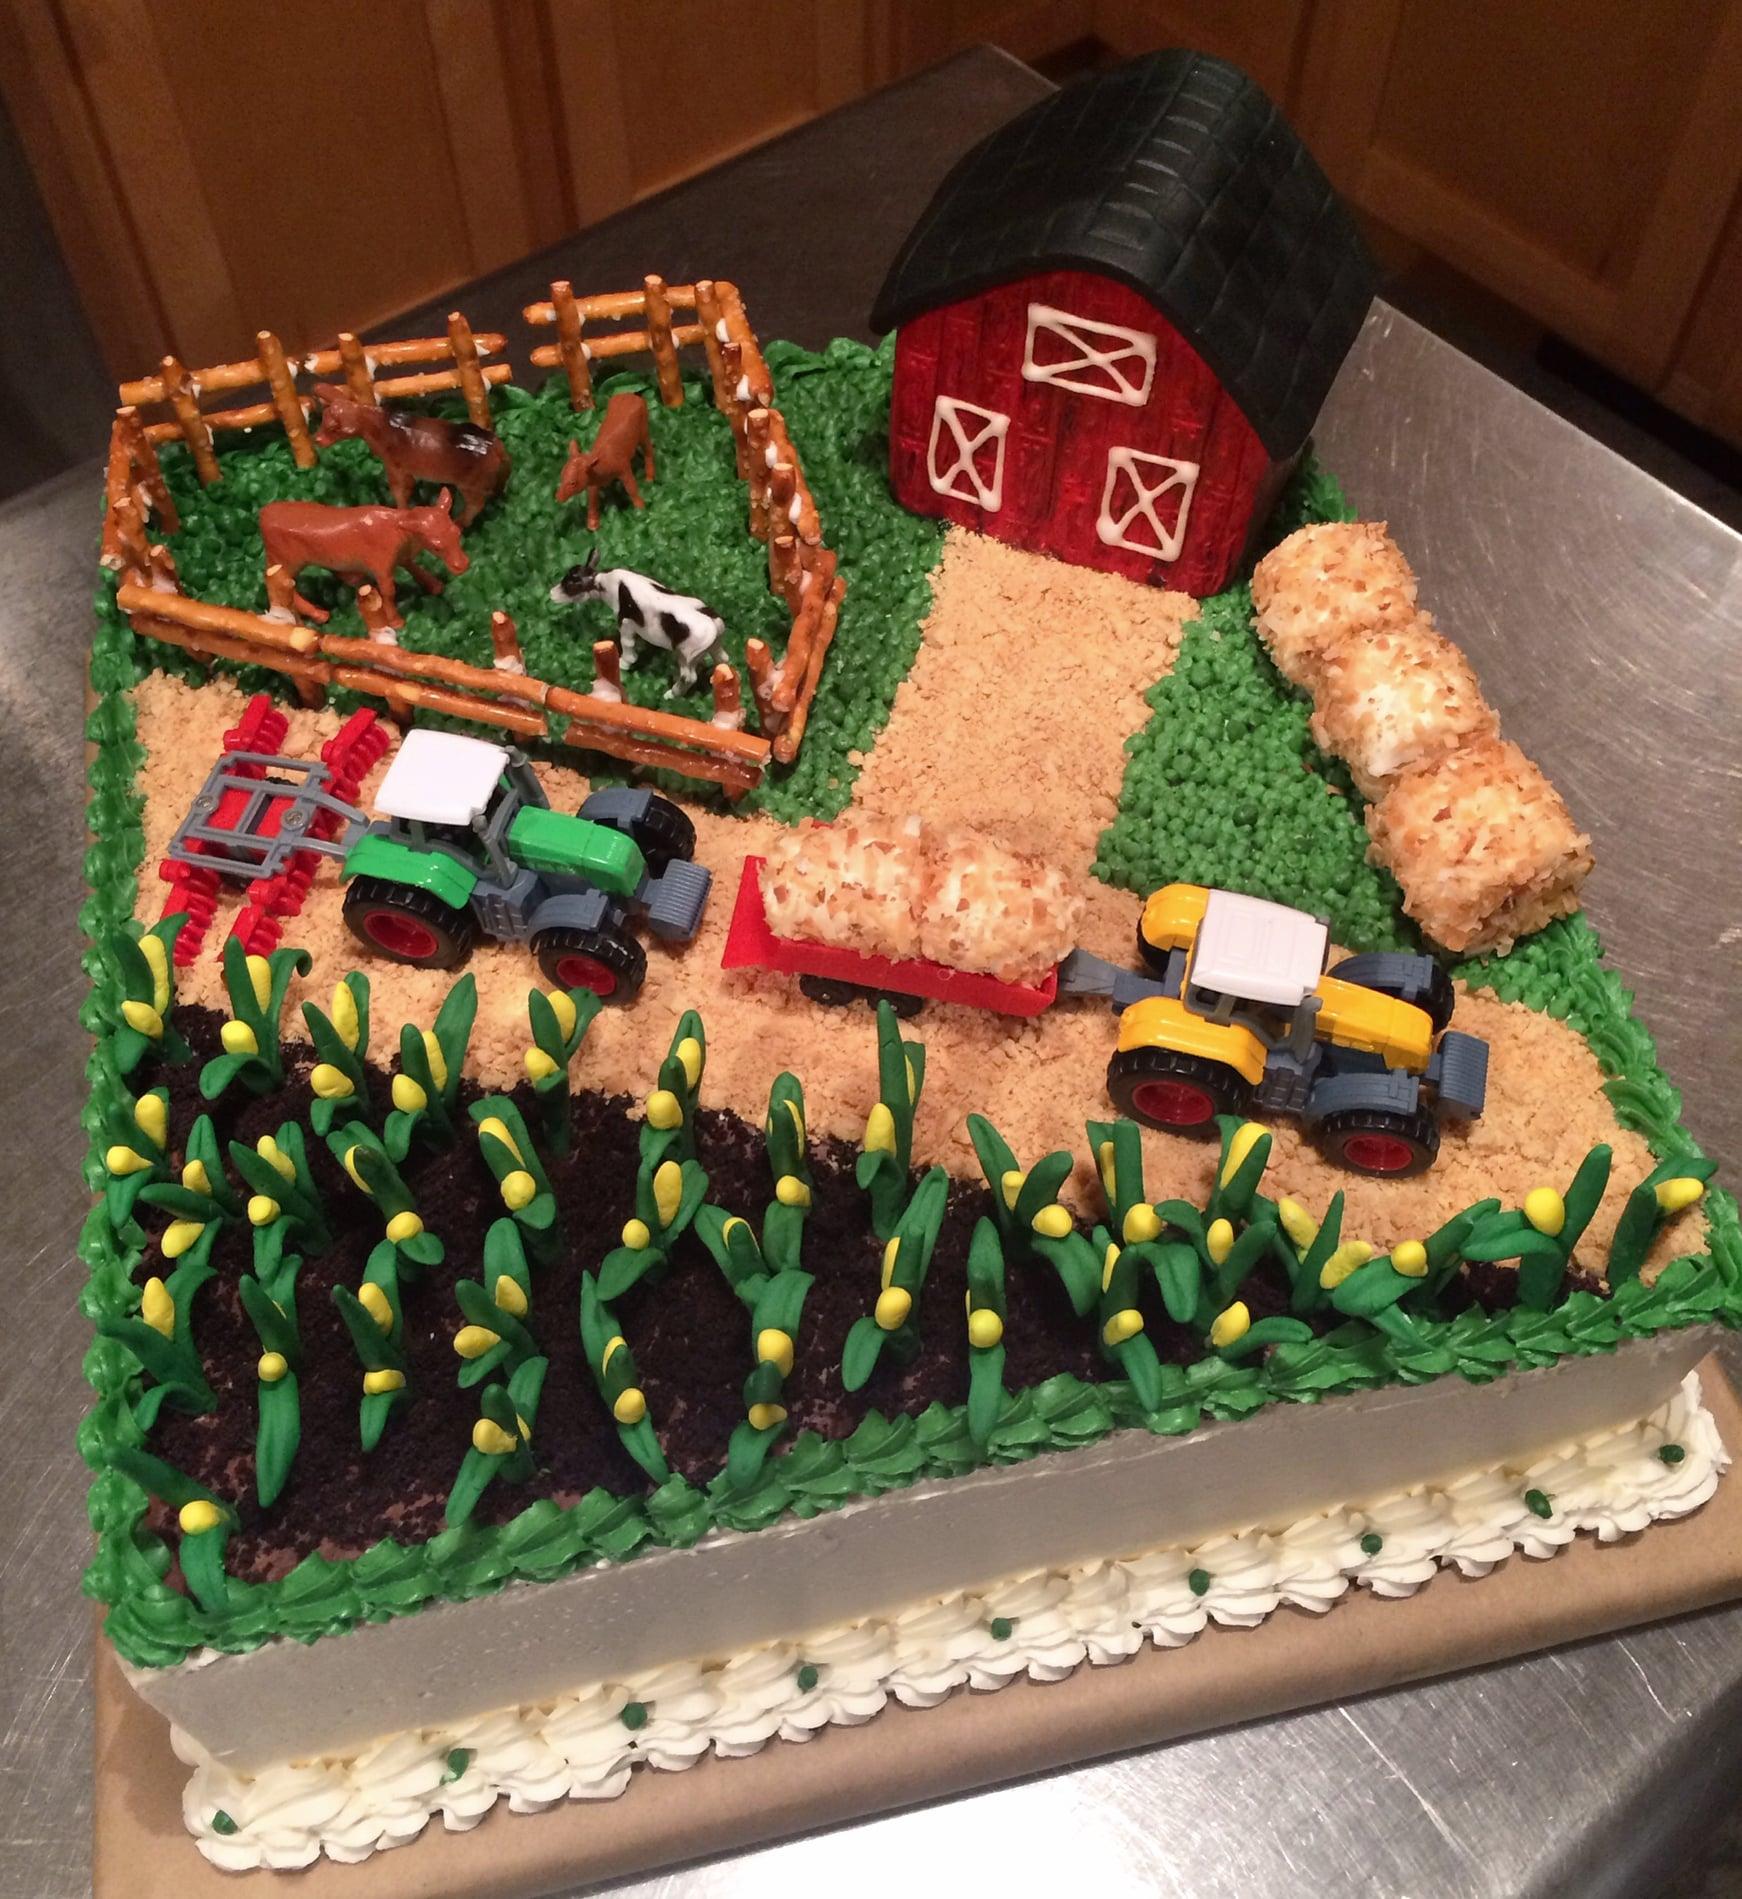 Aviary cake photo.jpg2.jpg